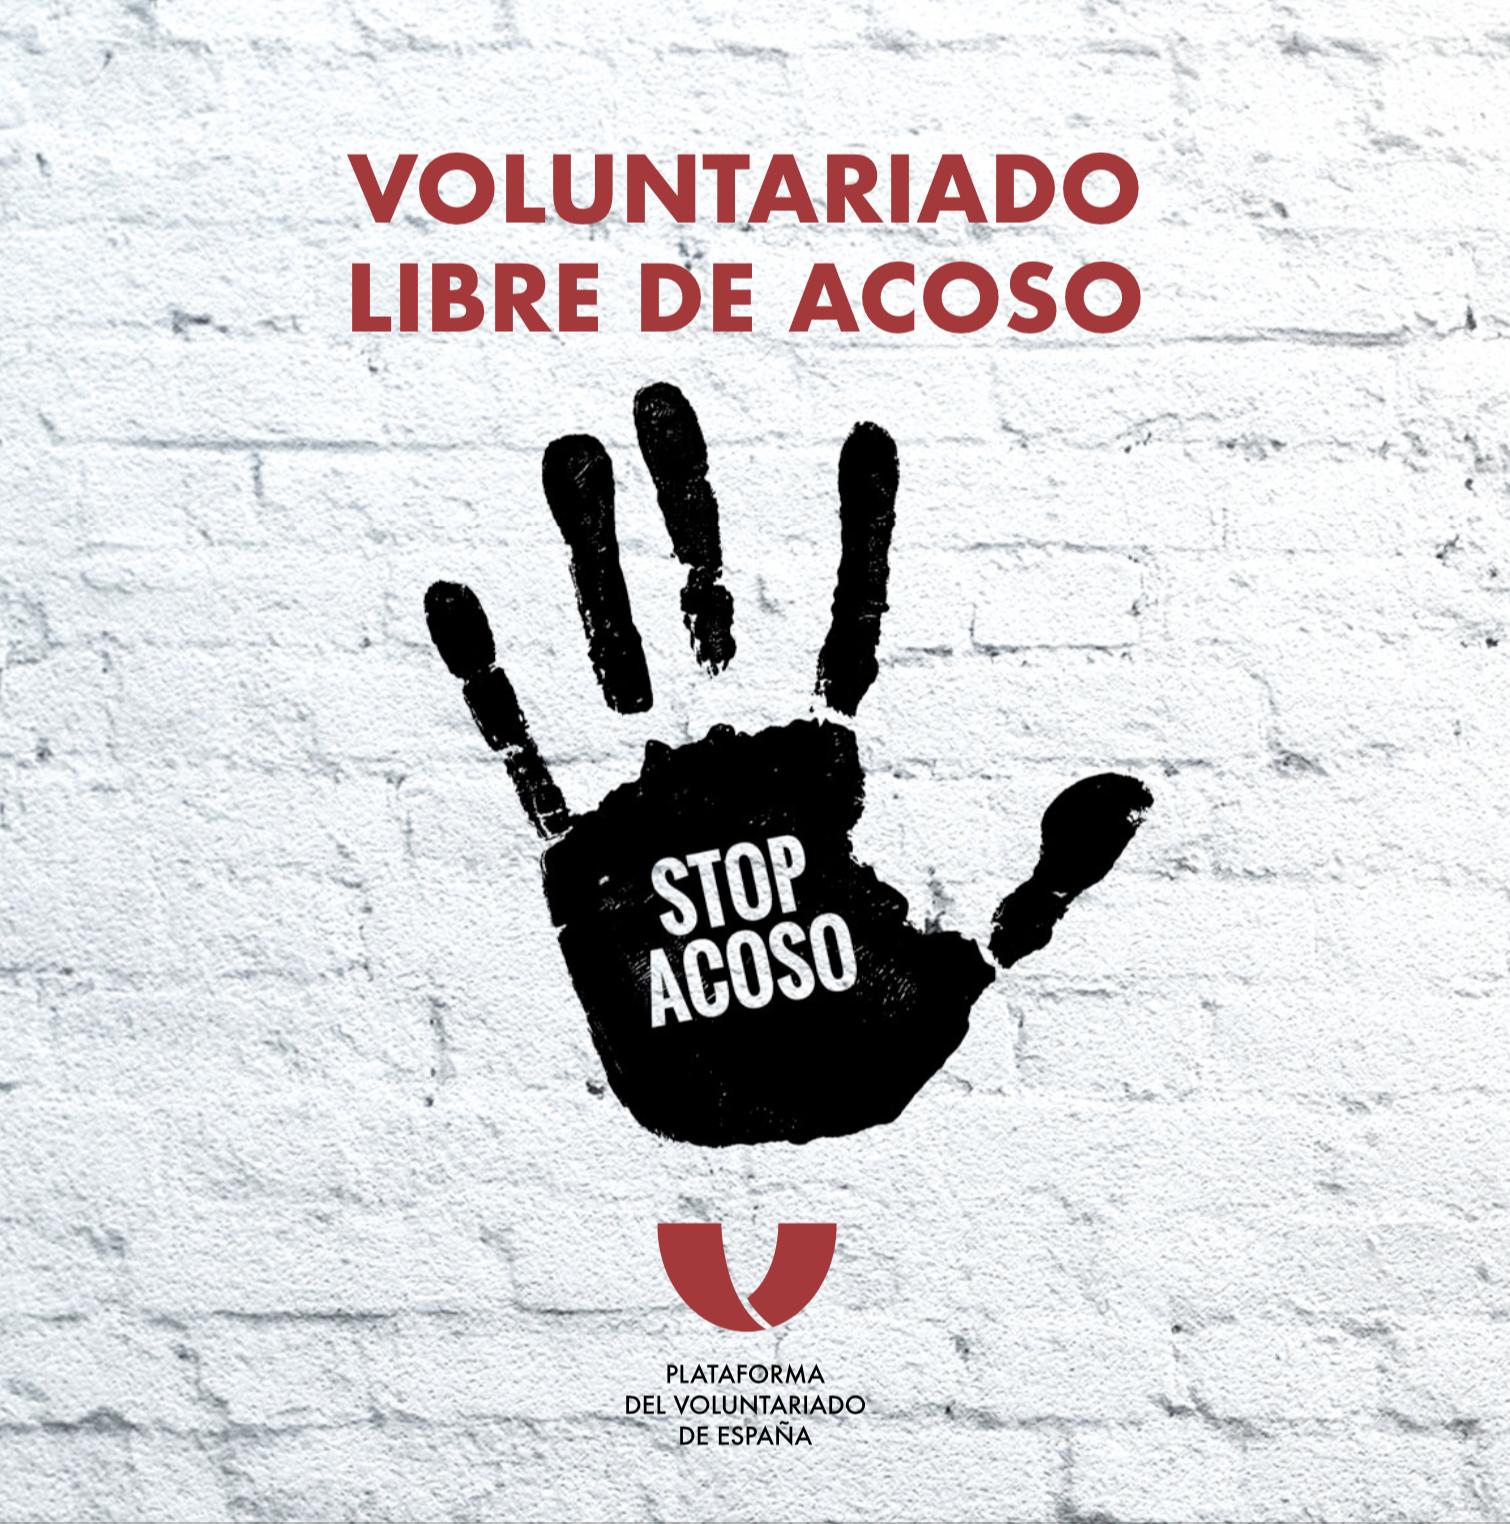 Voluntariado libre de acoso